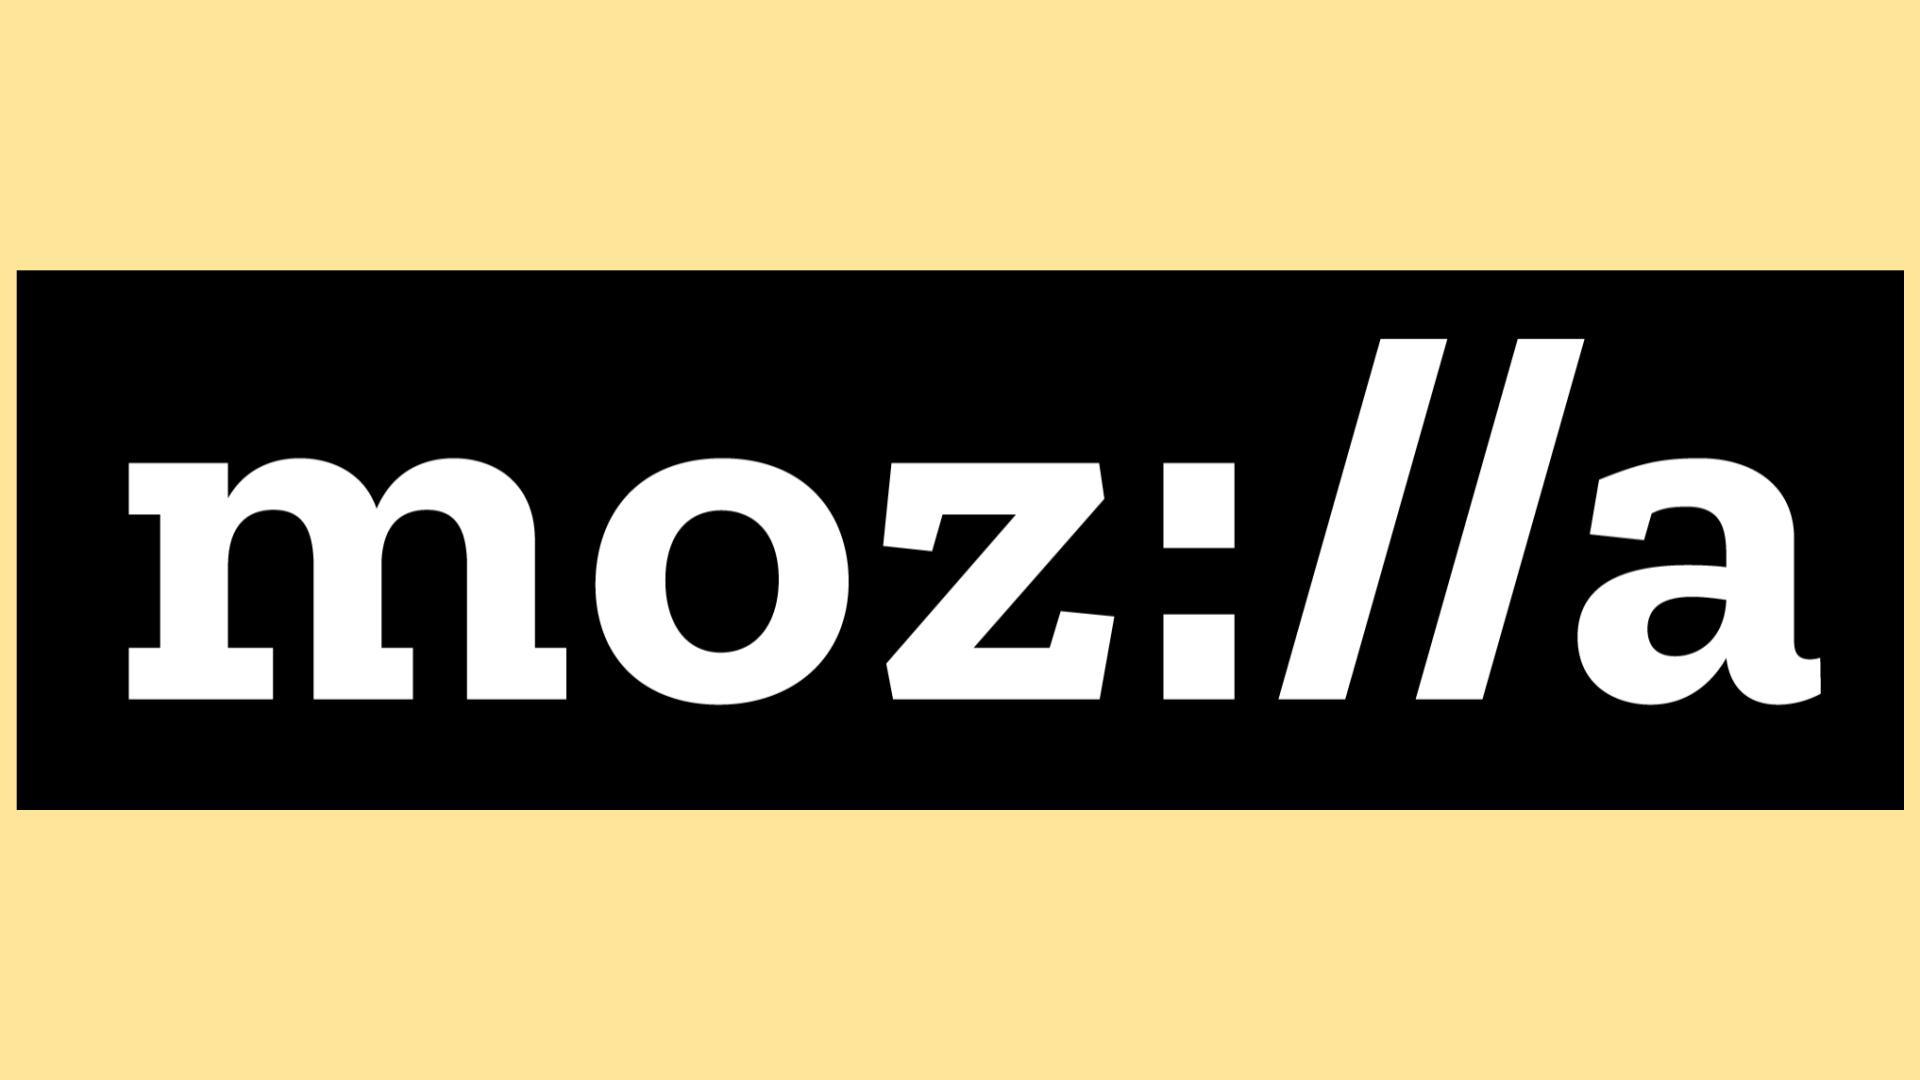 Après ses licenciements, Mozilla n'a plus d'équipe dédiée à la gestion des cyberattaques